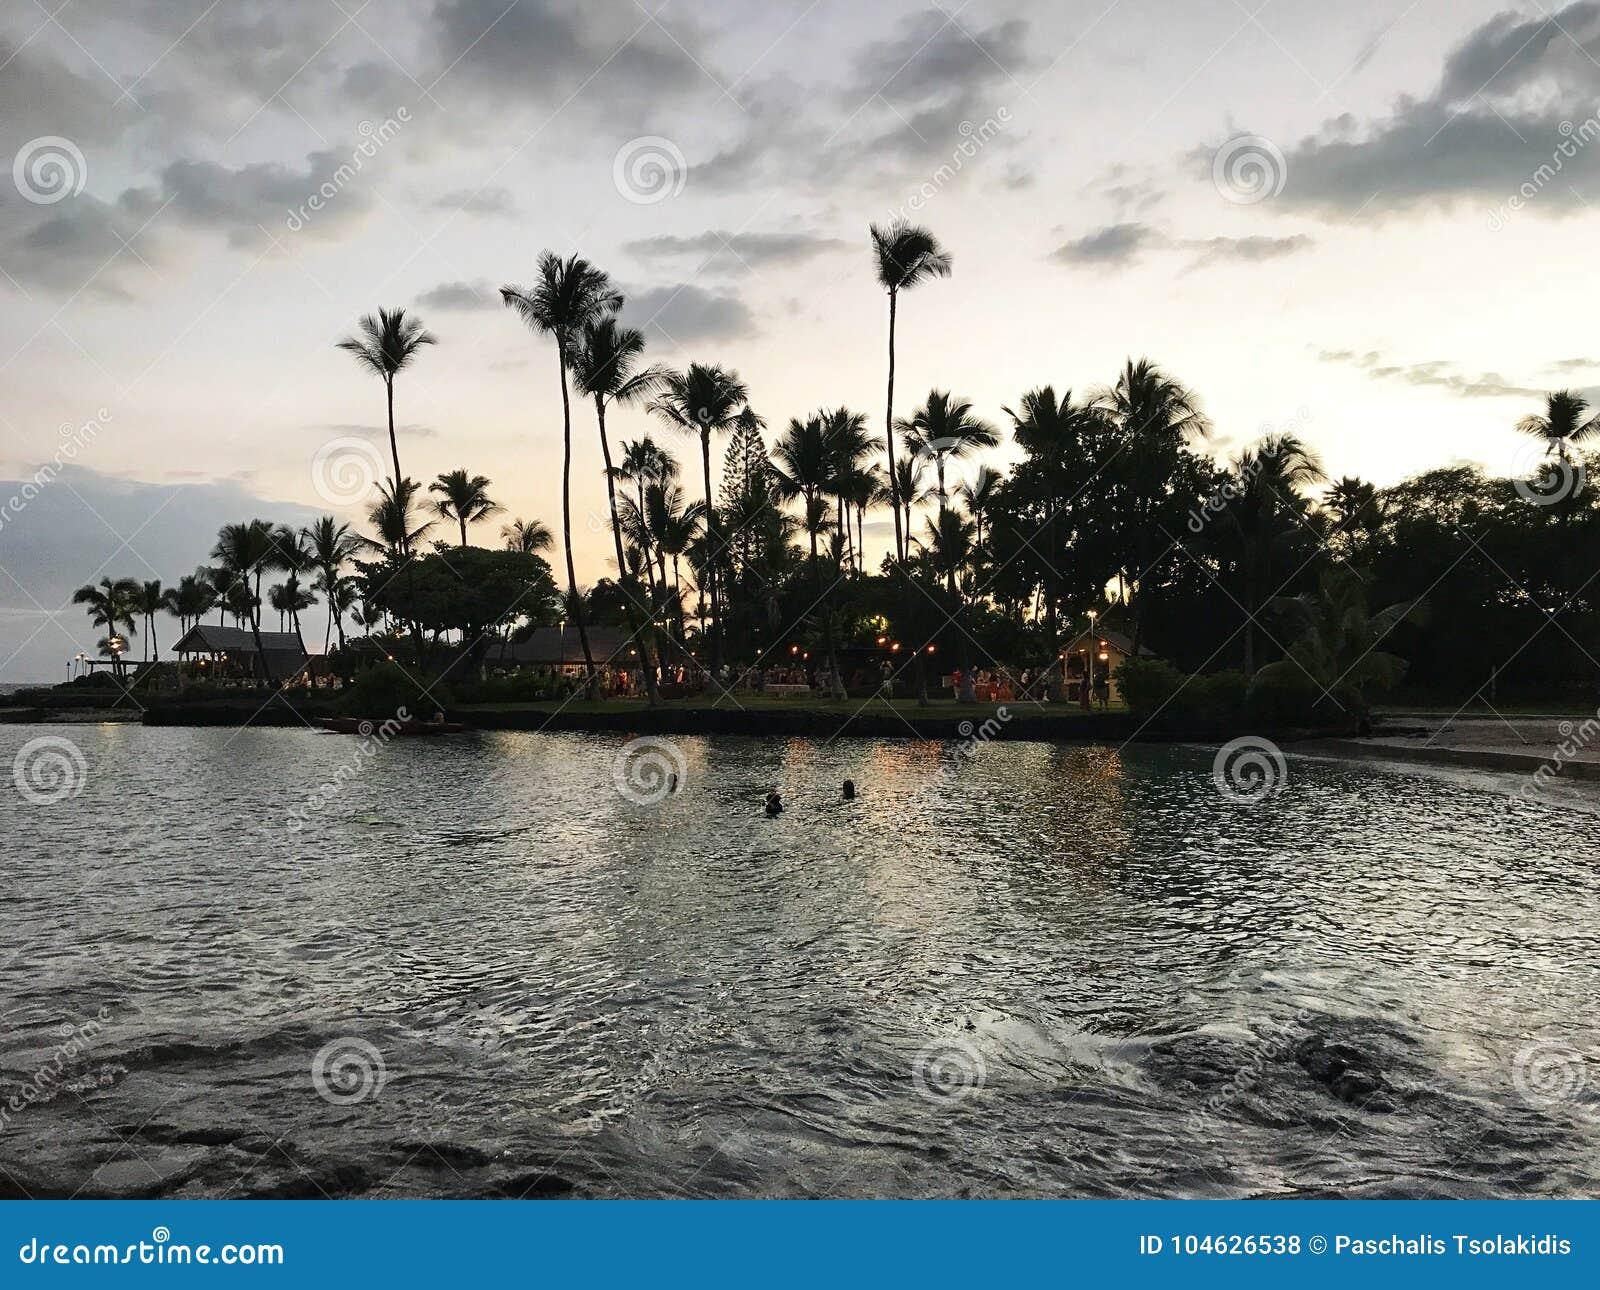 Download Pijnboomstrand bij nacht redactionele stock foto. Afbeelding bestaande uit hawaiiaans - 104626538